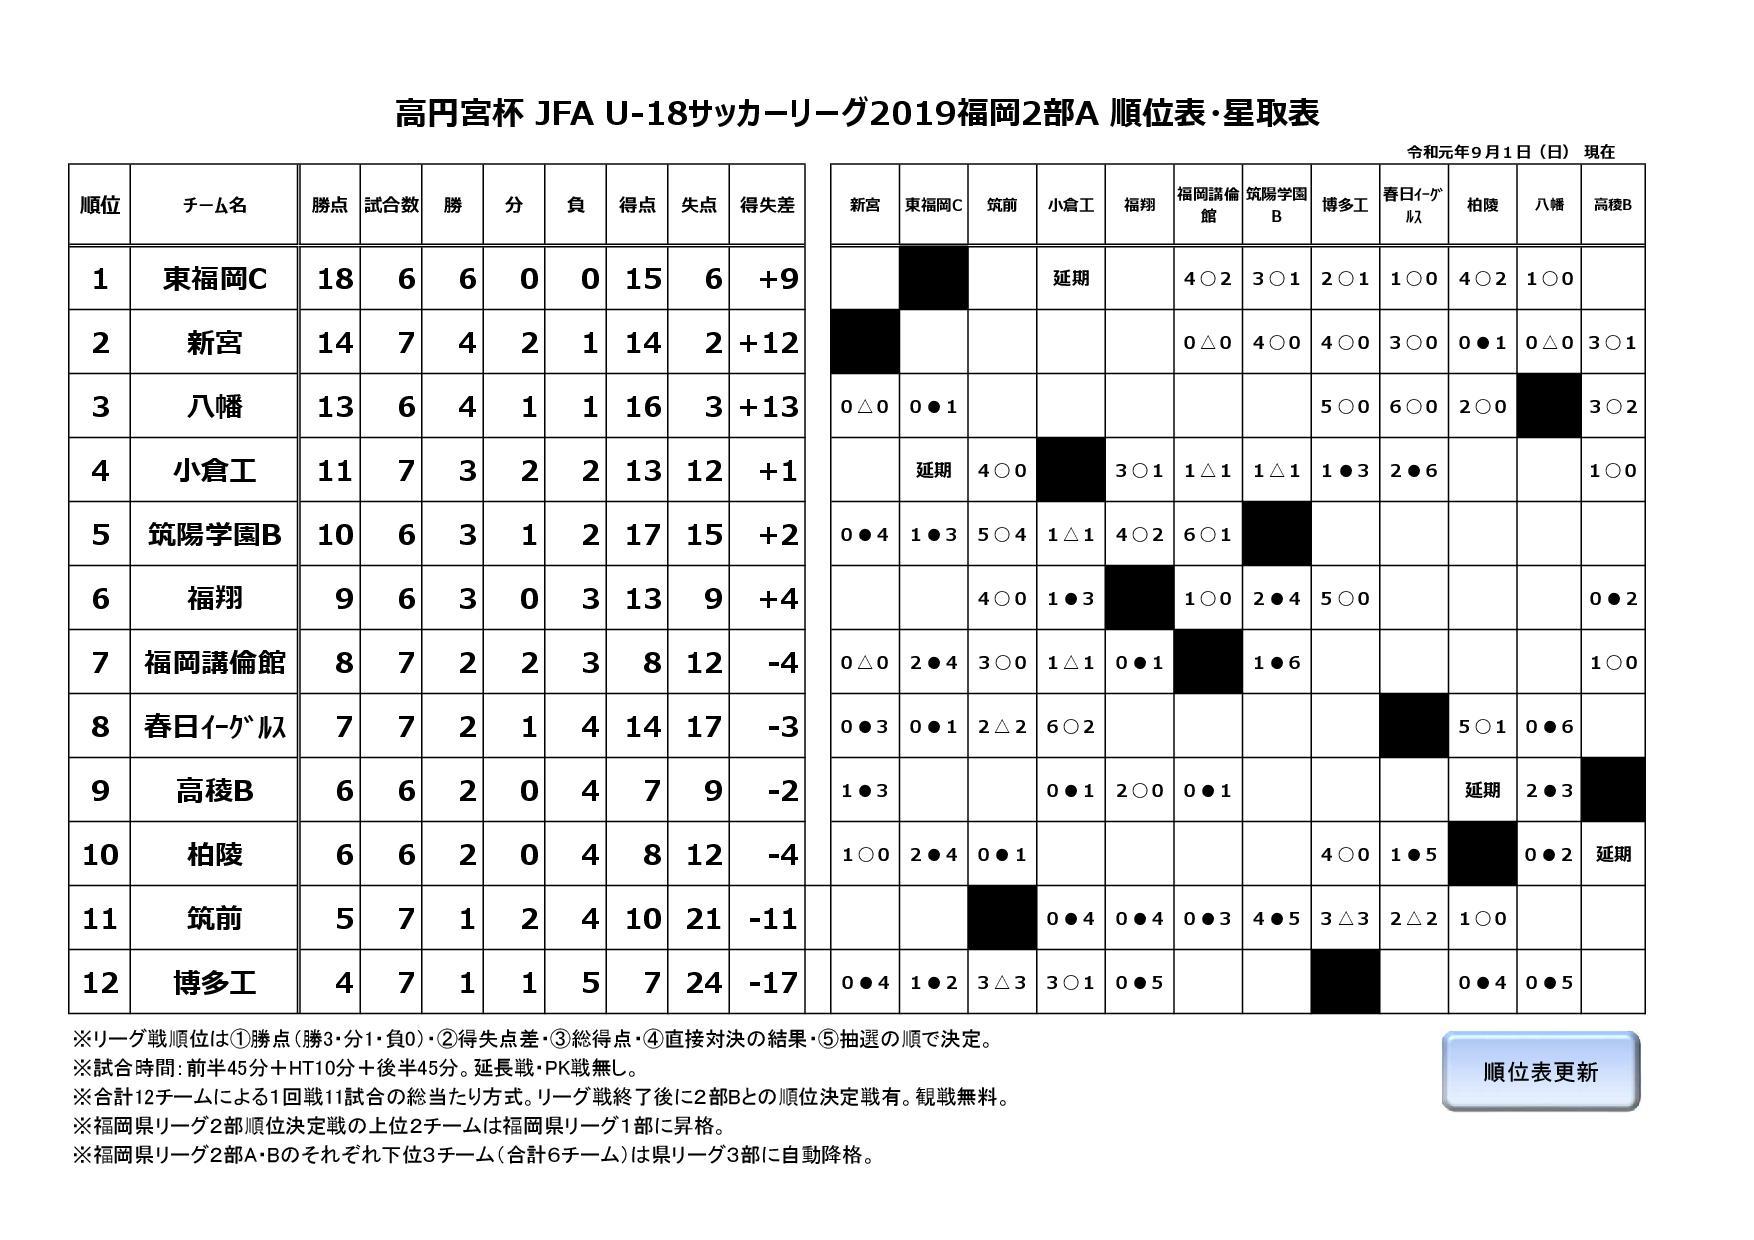 2019年度福岡県ユースサッカーリーグ2部A